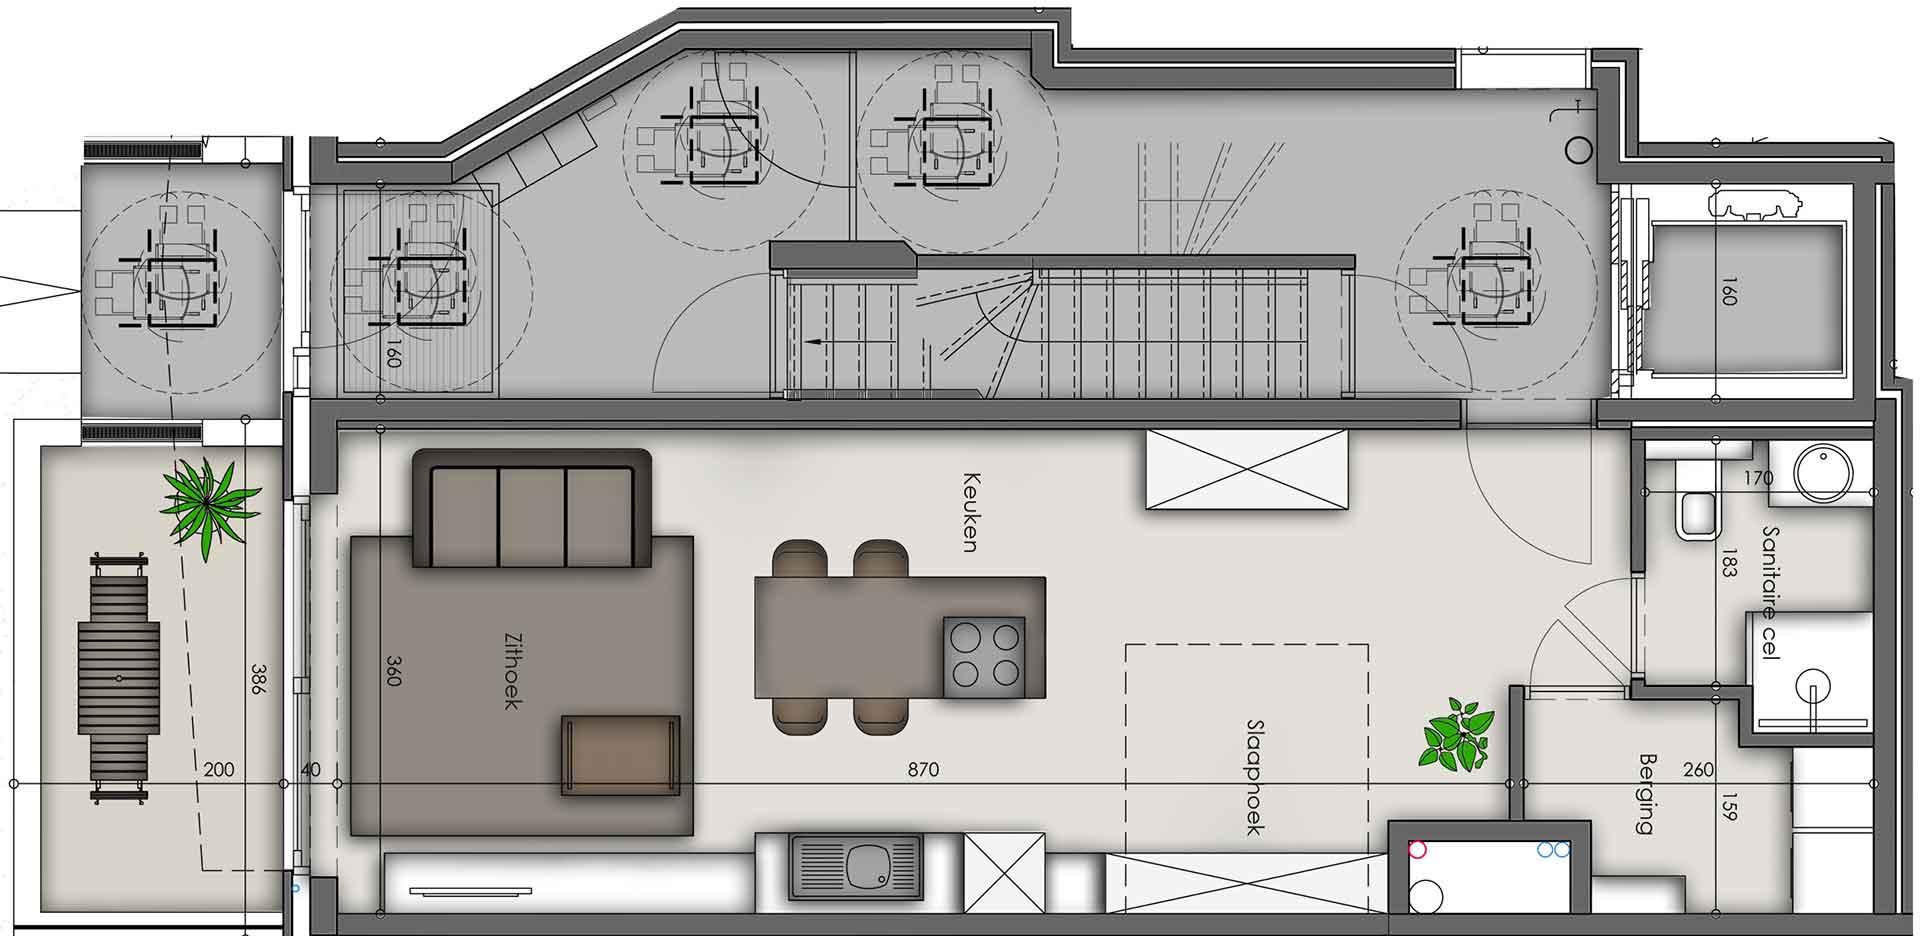 Residentie <br/> Zilverzand - image appartement-te-koop-zilverzand-koksijde-gv02 on https://hoprom.be